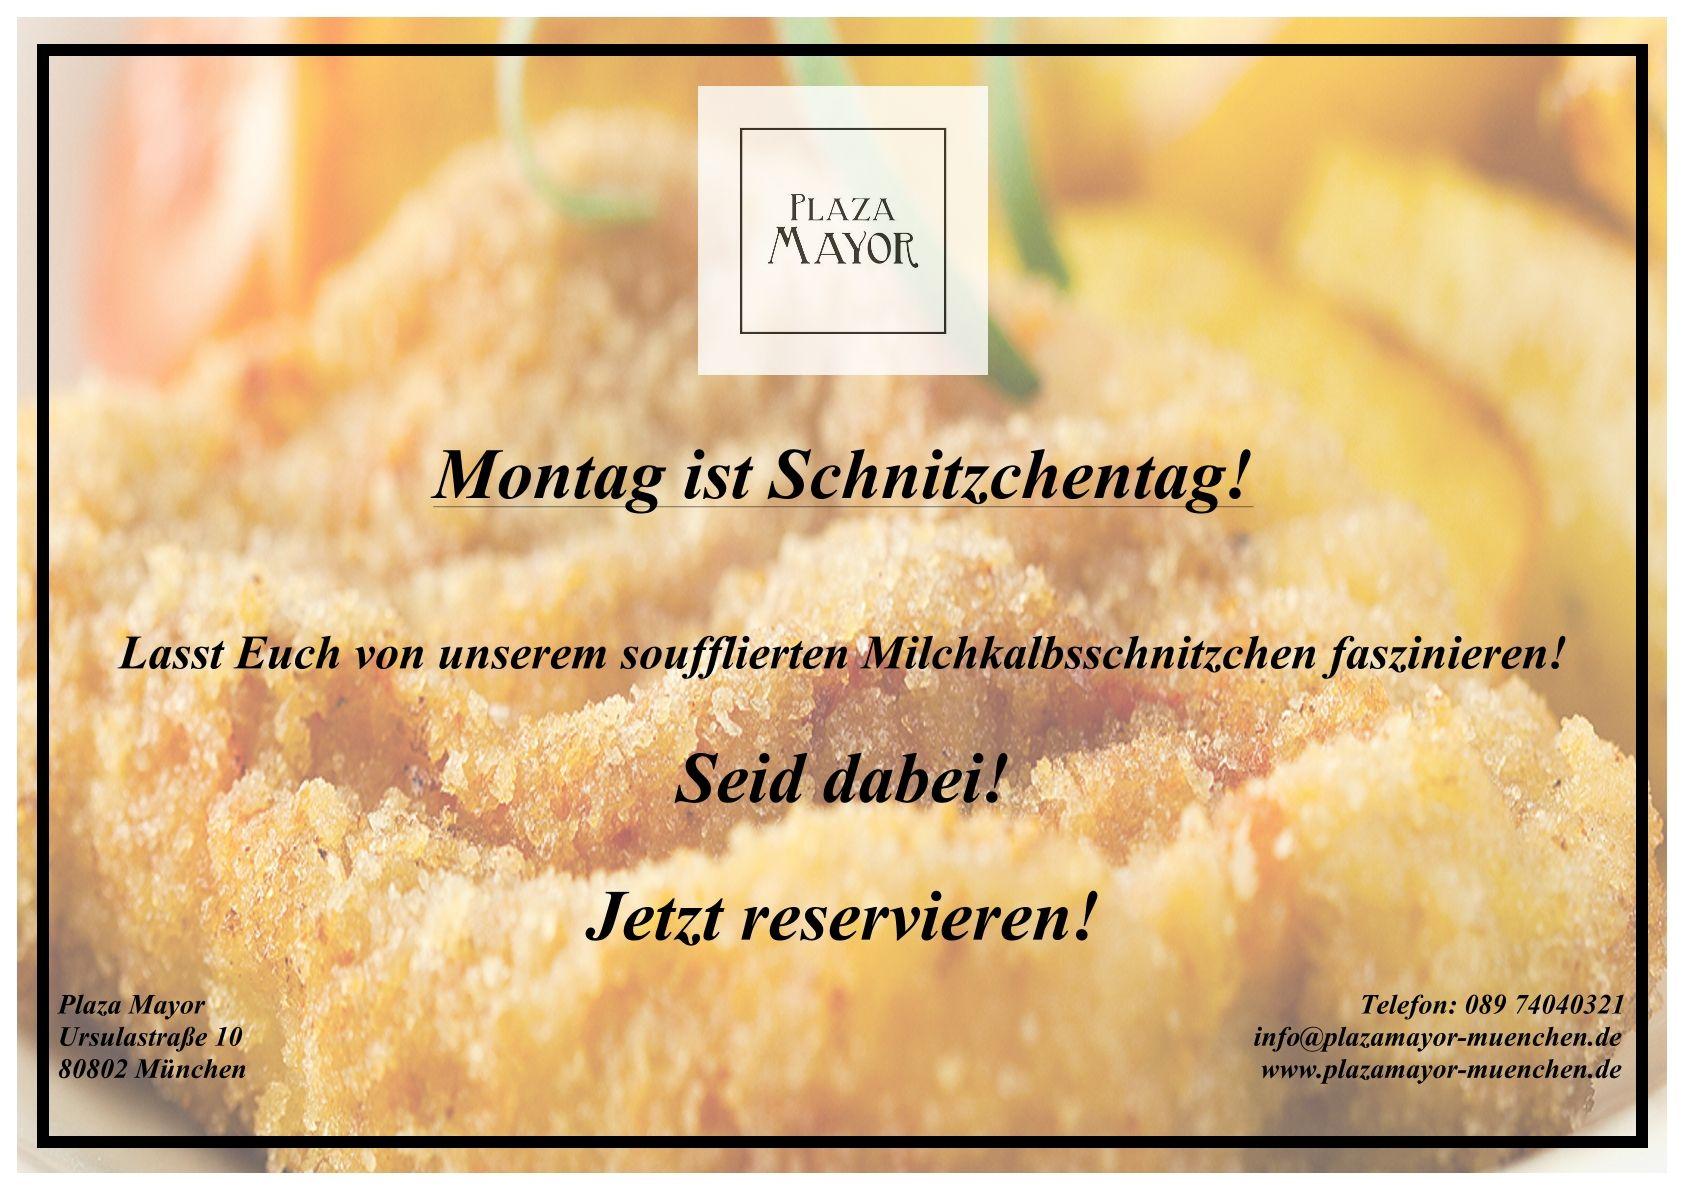 Wir freuen uns schon auf euch!  THE PLAZA TO BE !!   Plaza Mayor Restaurant  www.plazamayor-muenchen.de/ #Plazamayorrestaurant #Restaurant #Cocktailbar #Muenchen #Schwabing #Eventlocation #Munich #Newopening